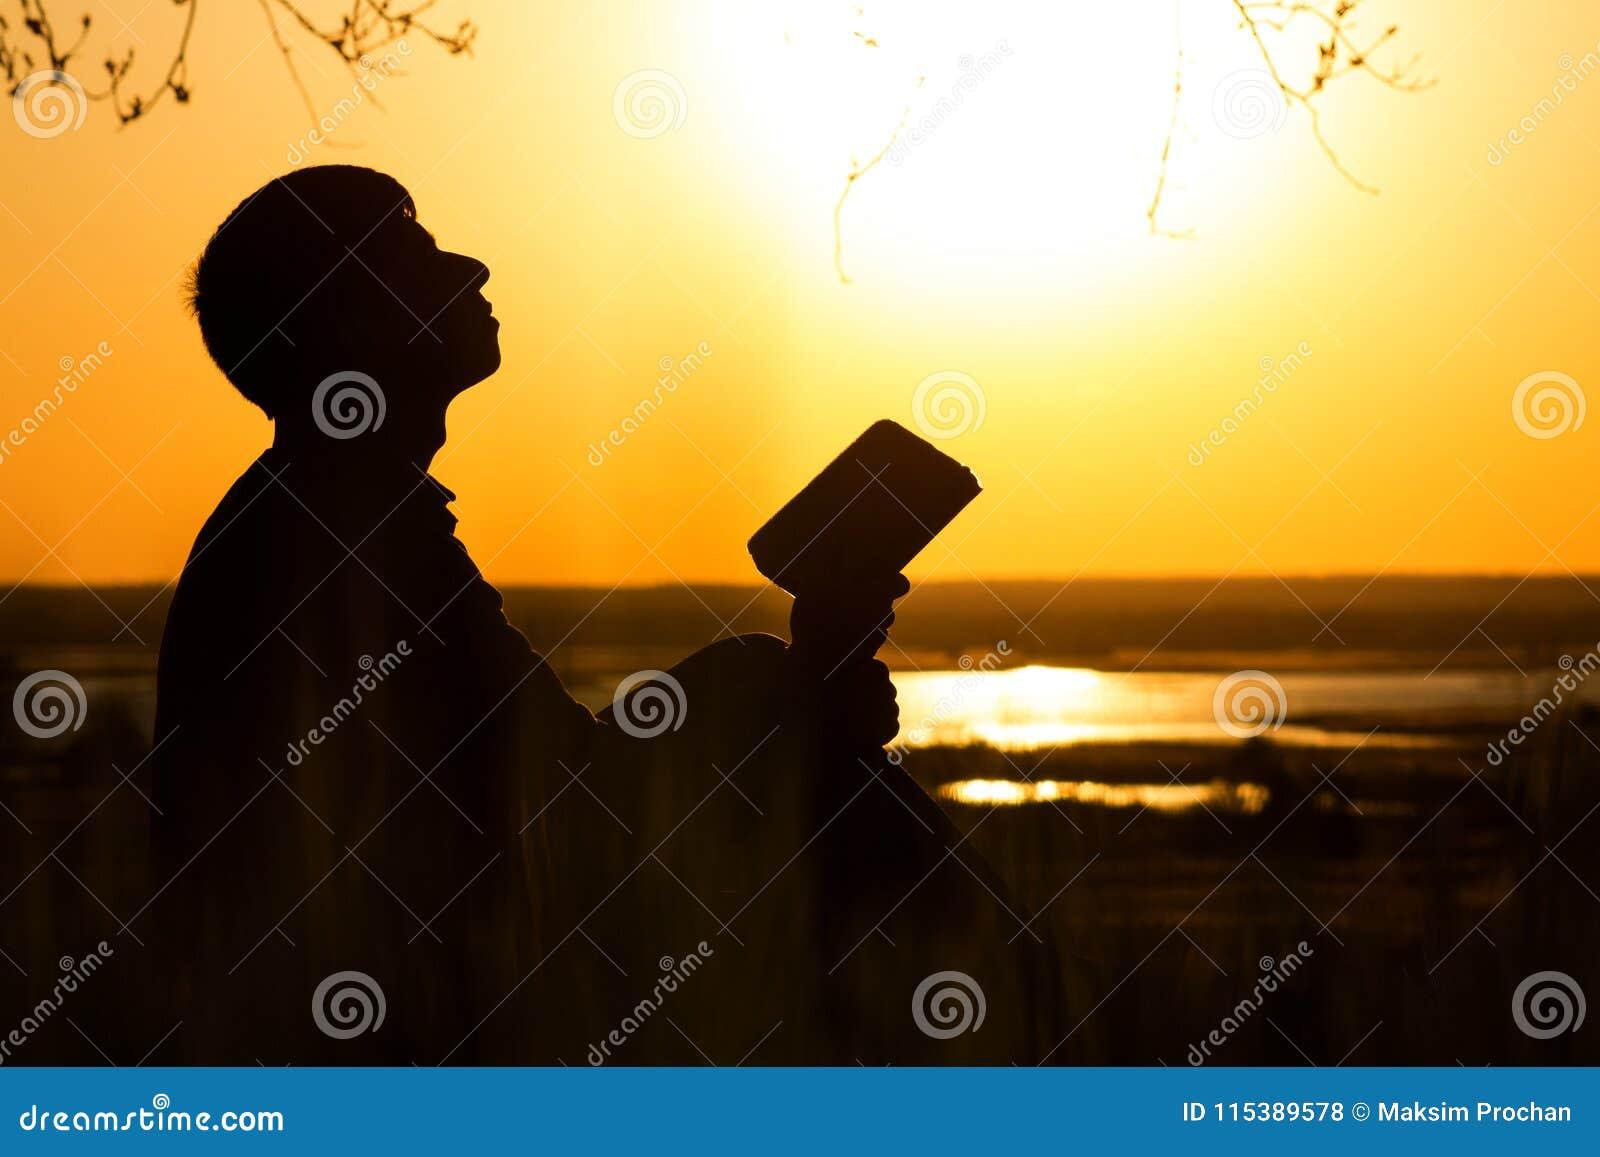 Σκιαγραφία του ατόμου που γυρίζει στο Θεό με την ελπίδα, η έννοια της πίστης και της πνευματικότητας